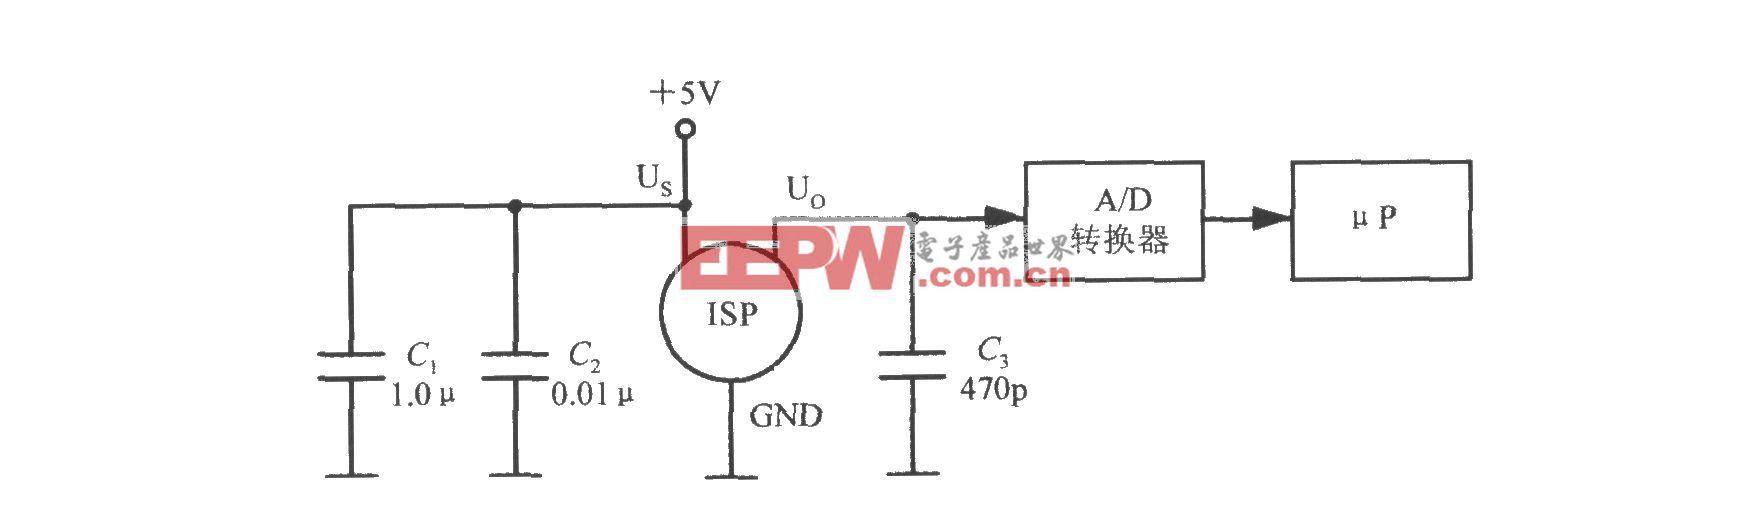 由集成硅压力传感器MPX4100A构成的管道压力监测电路